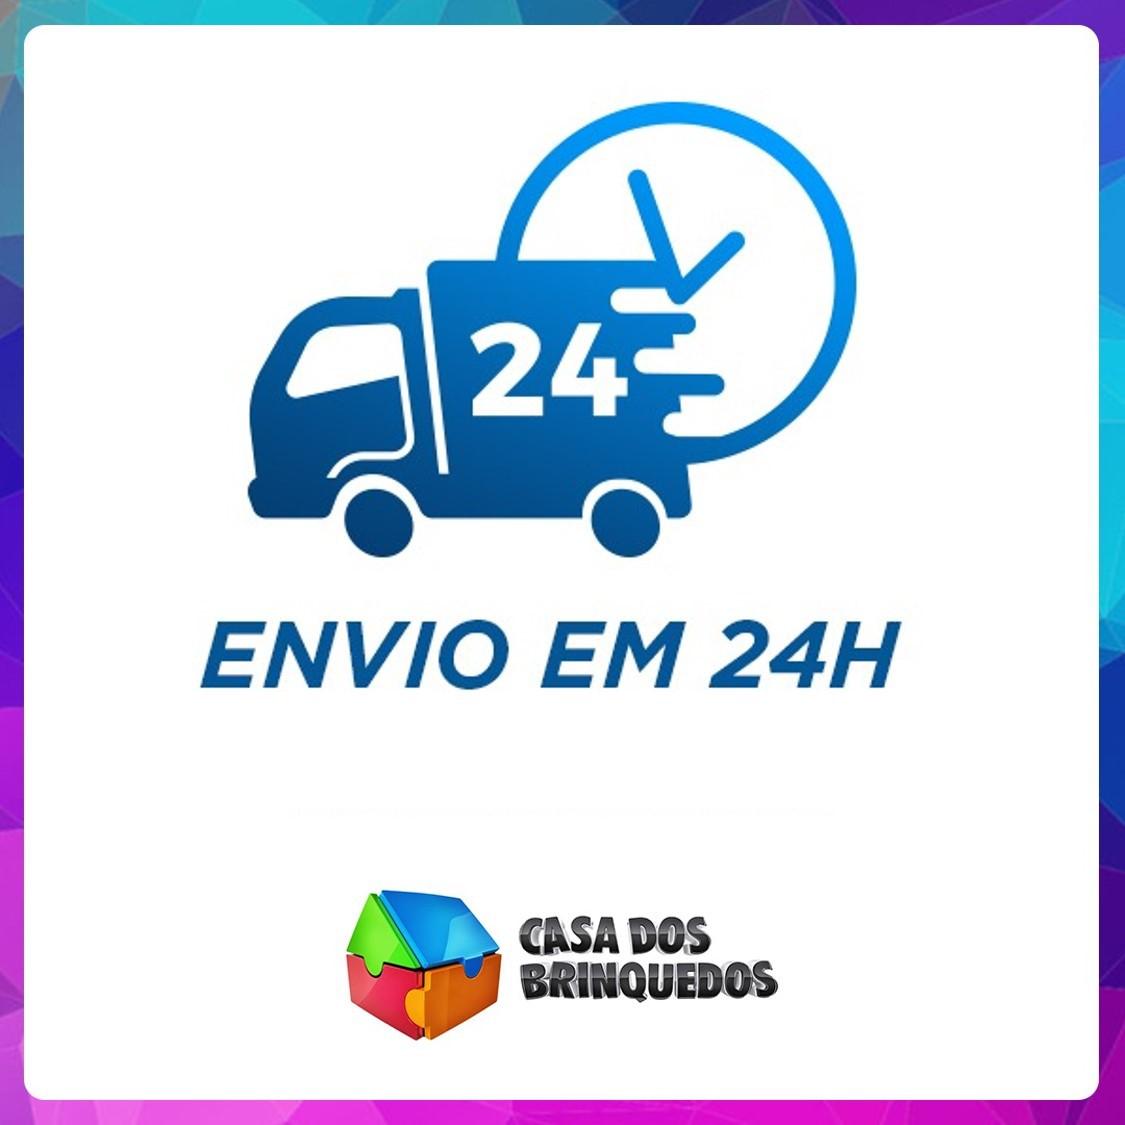 BONECO TRANSMUTÁVEL BOLA DE FUTEBOL DMT5745 DM TOYS